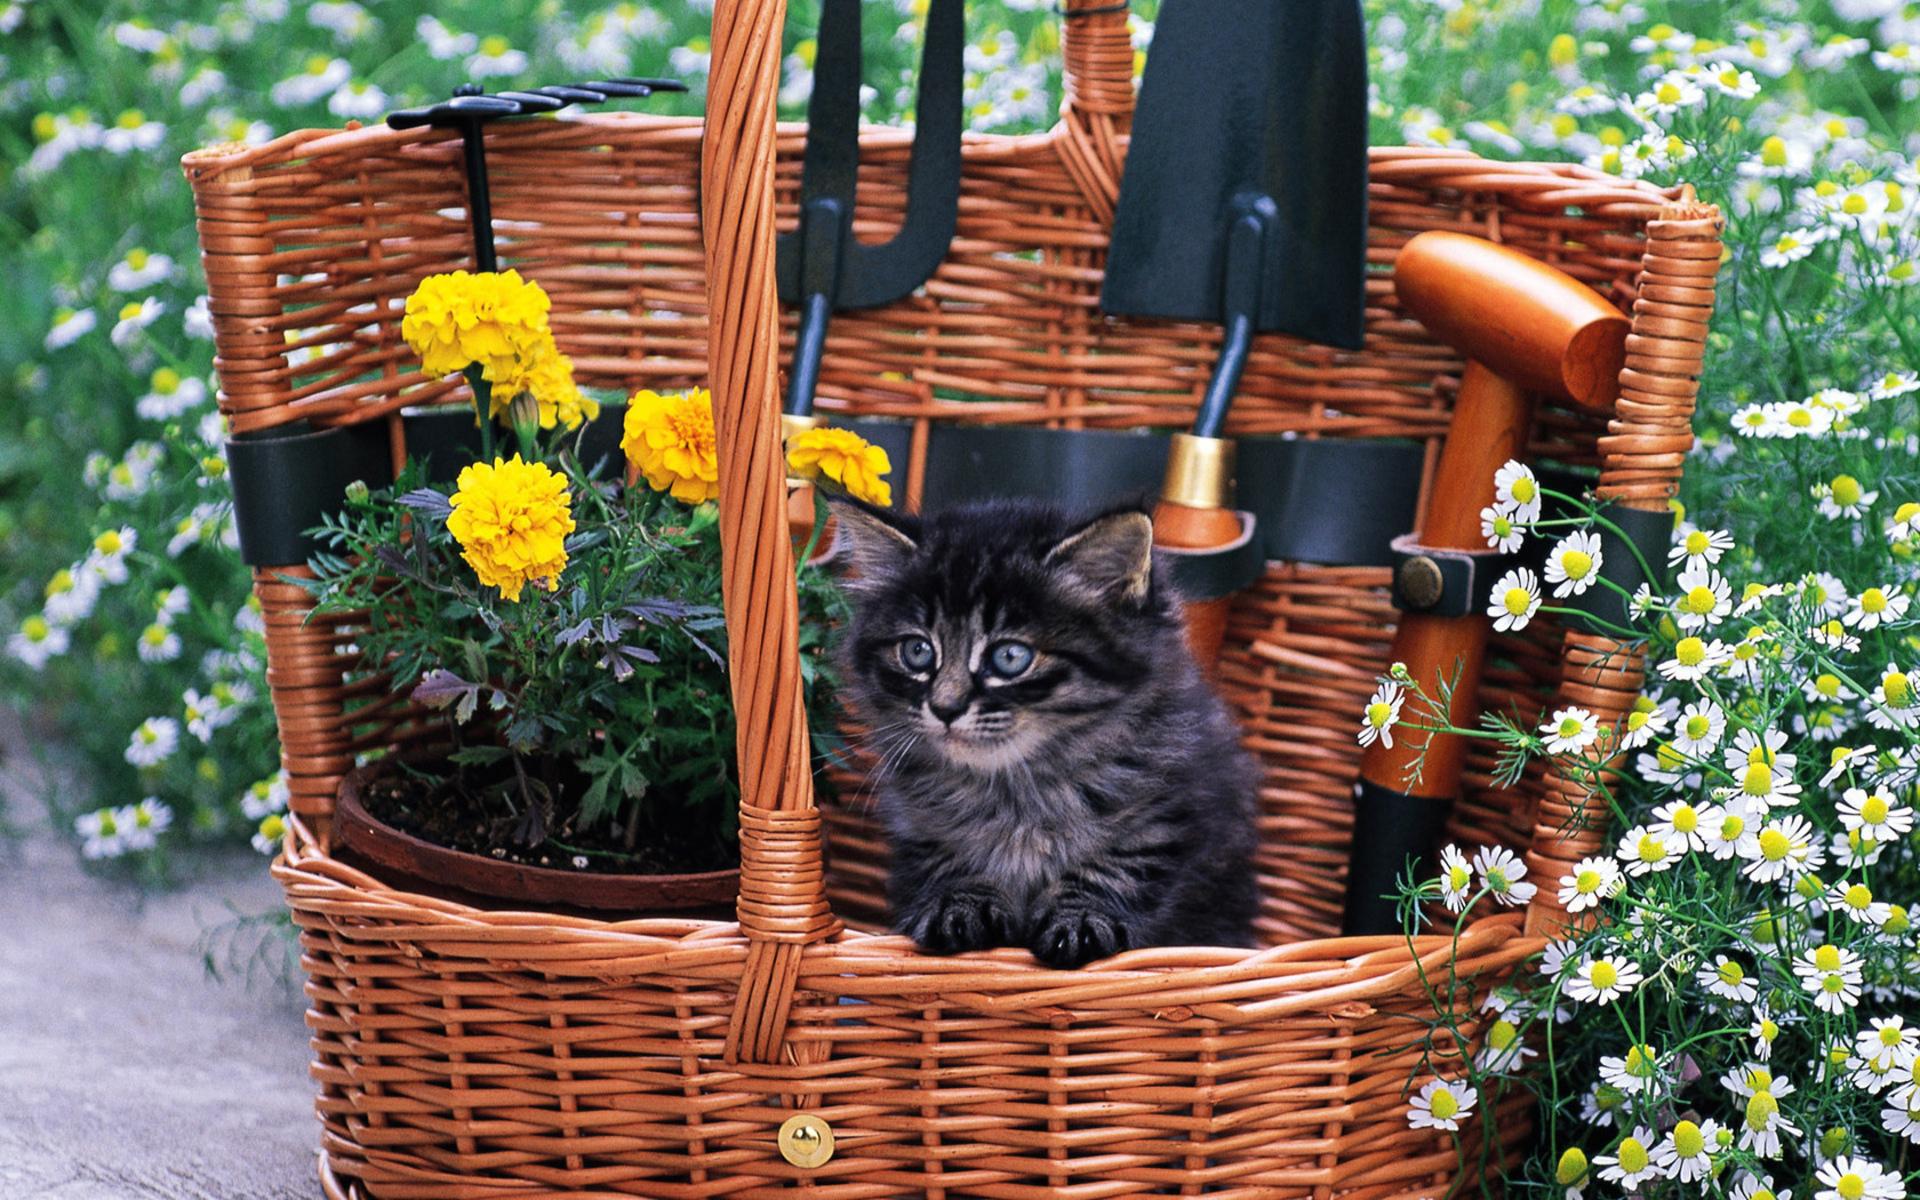 两只小猫咪  木桶里的小猫咪壁纸图片1  猫猫壁纸酷 wallcoocom